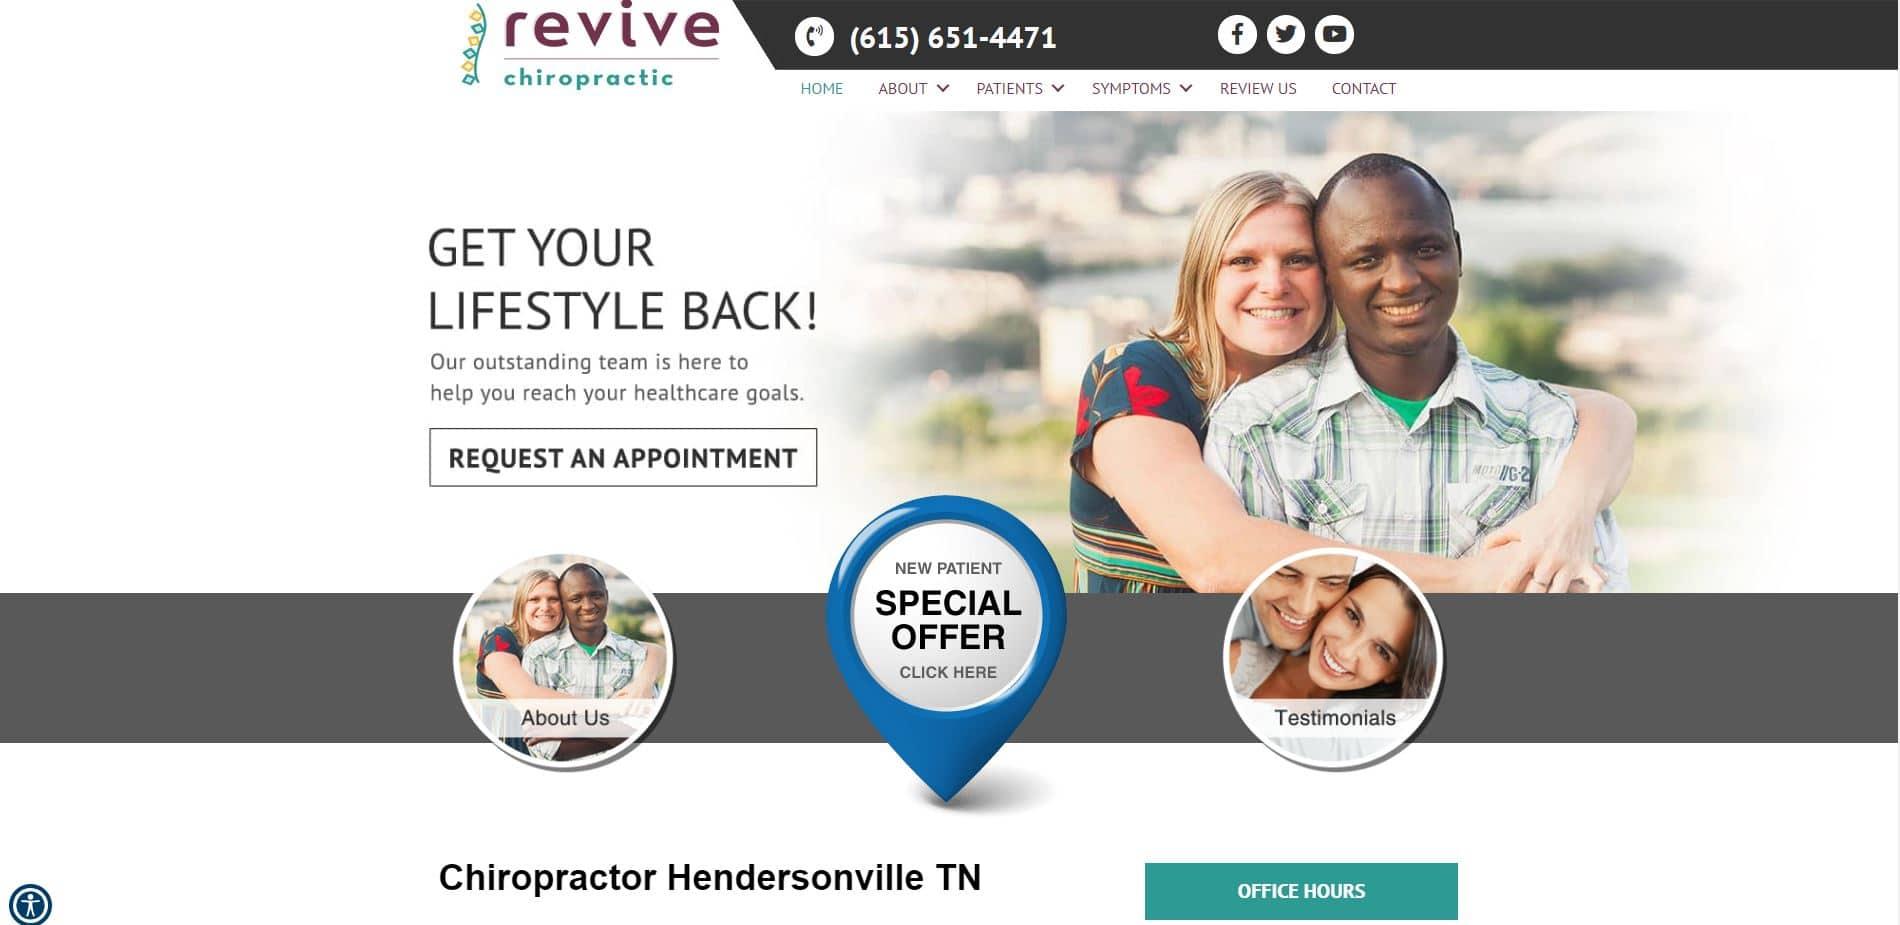 Chiropractor in Hendersonville